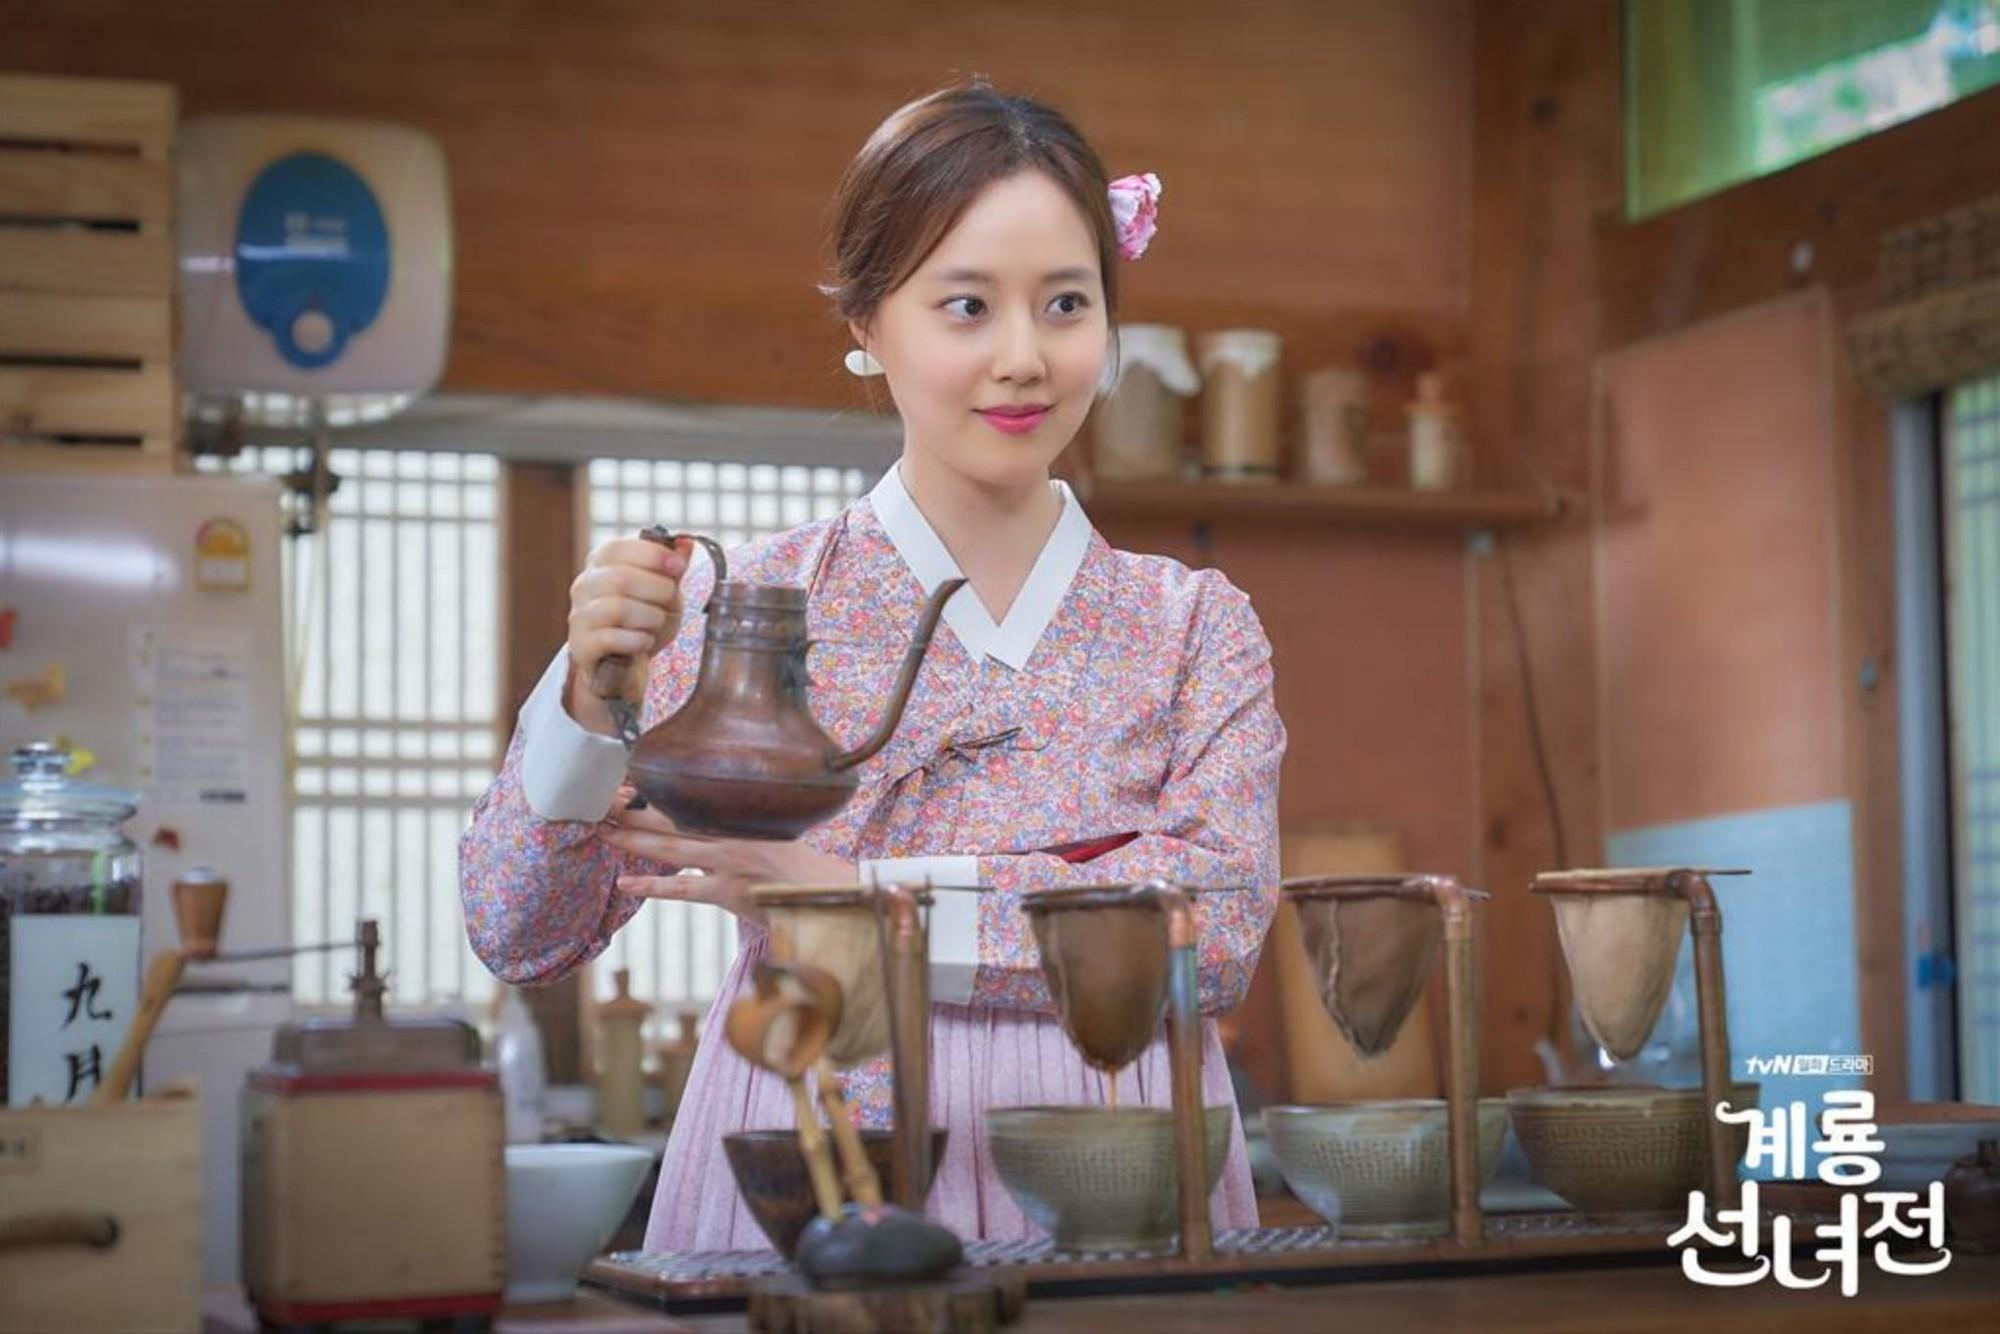 Ngộp thở với dàn sao Hàn toàn dân anh chị trong loạt phim truyền hình đổ bộ mùa cuối năm 2018! - Ảnh 3.